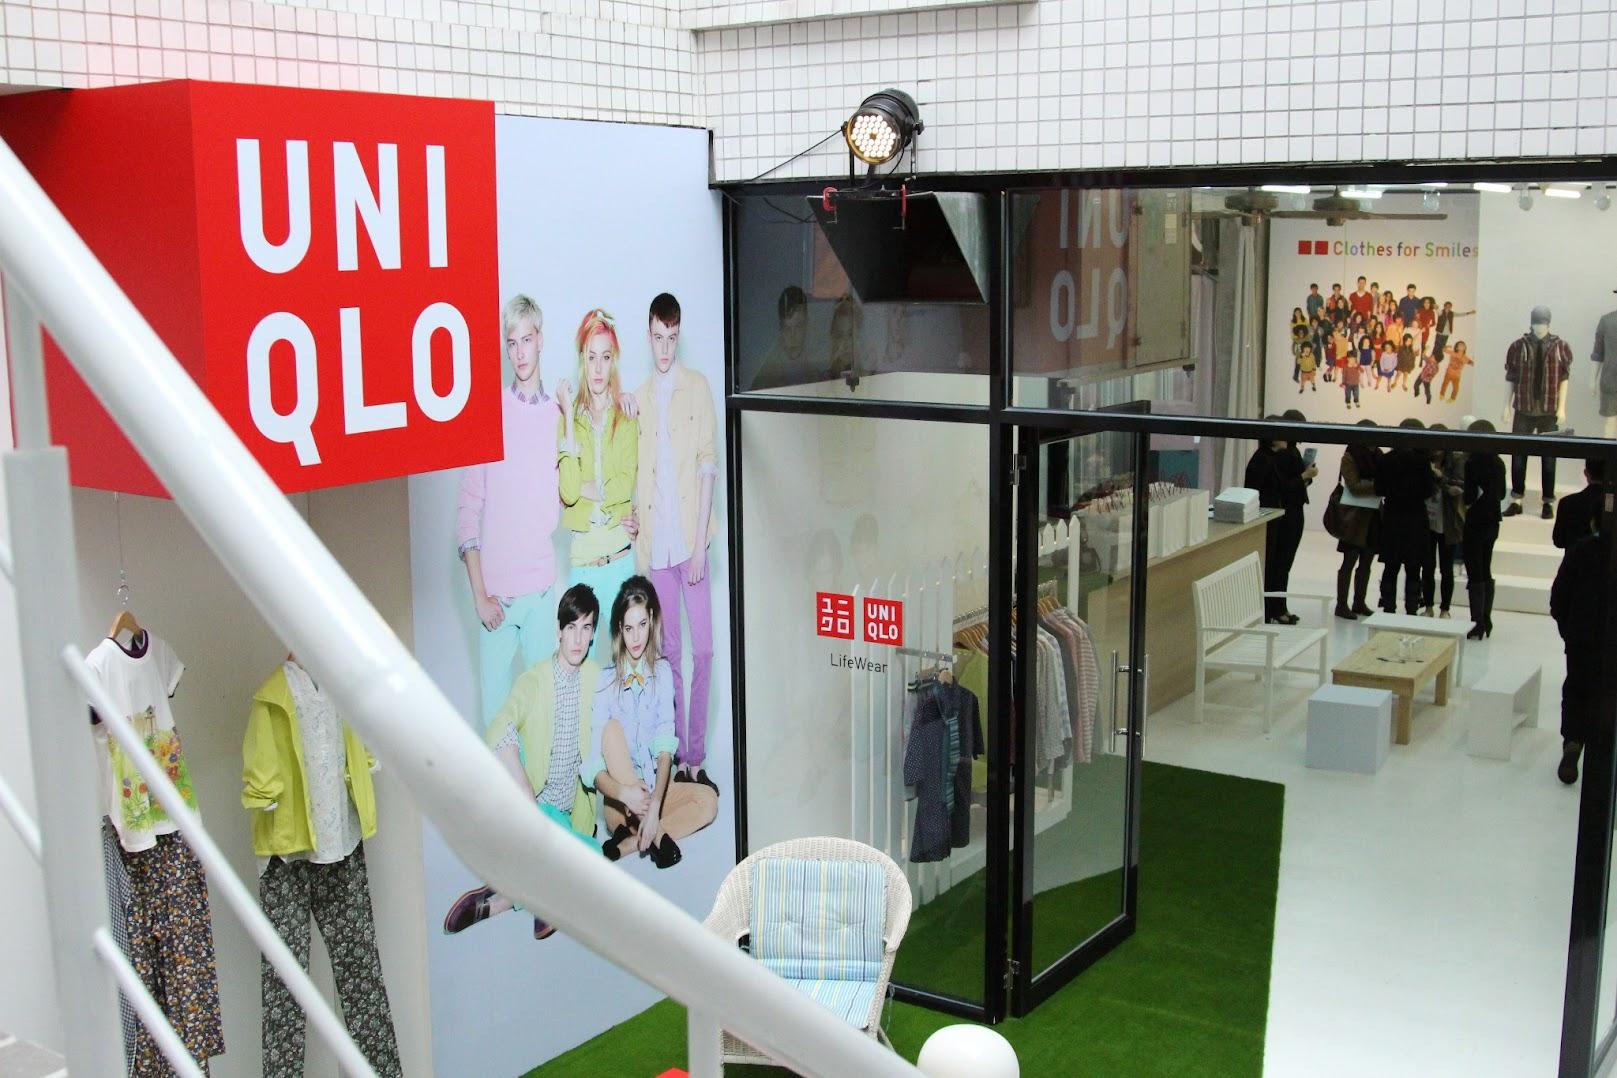 *繽紛春日花園新時尚生活:UNIQLO 2013 春夏新品搶先看! 1